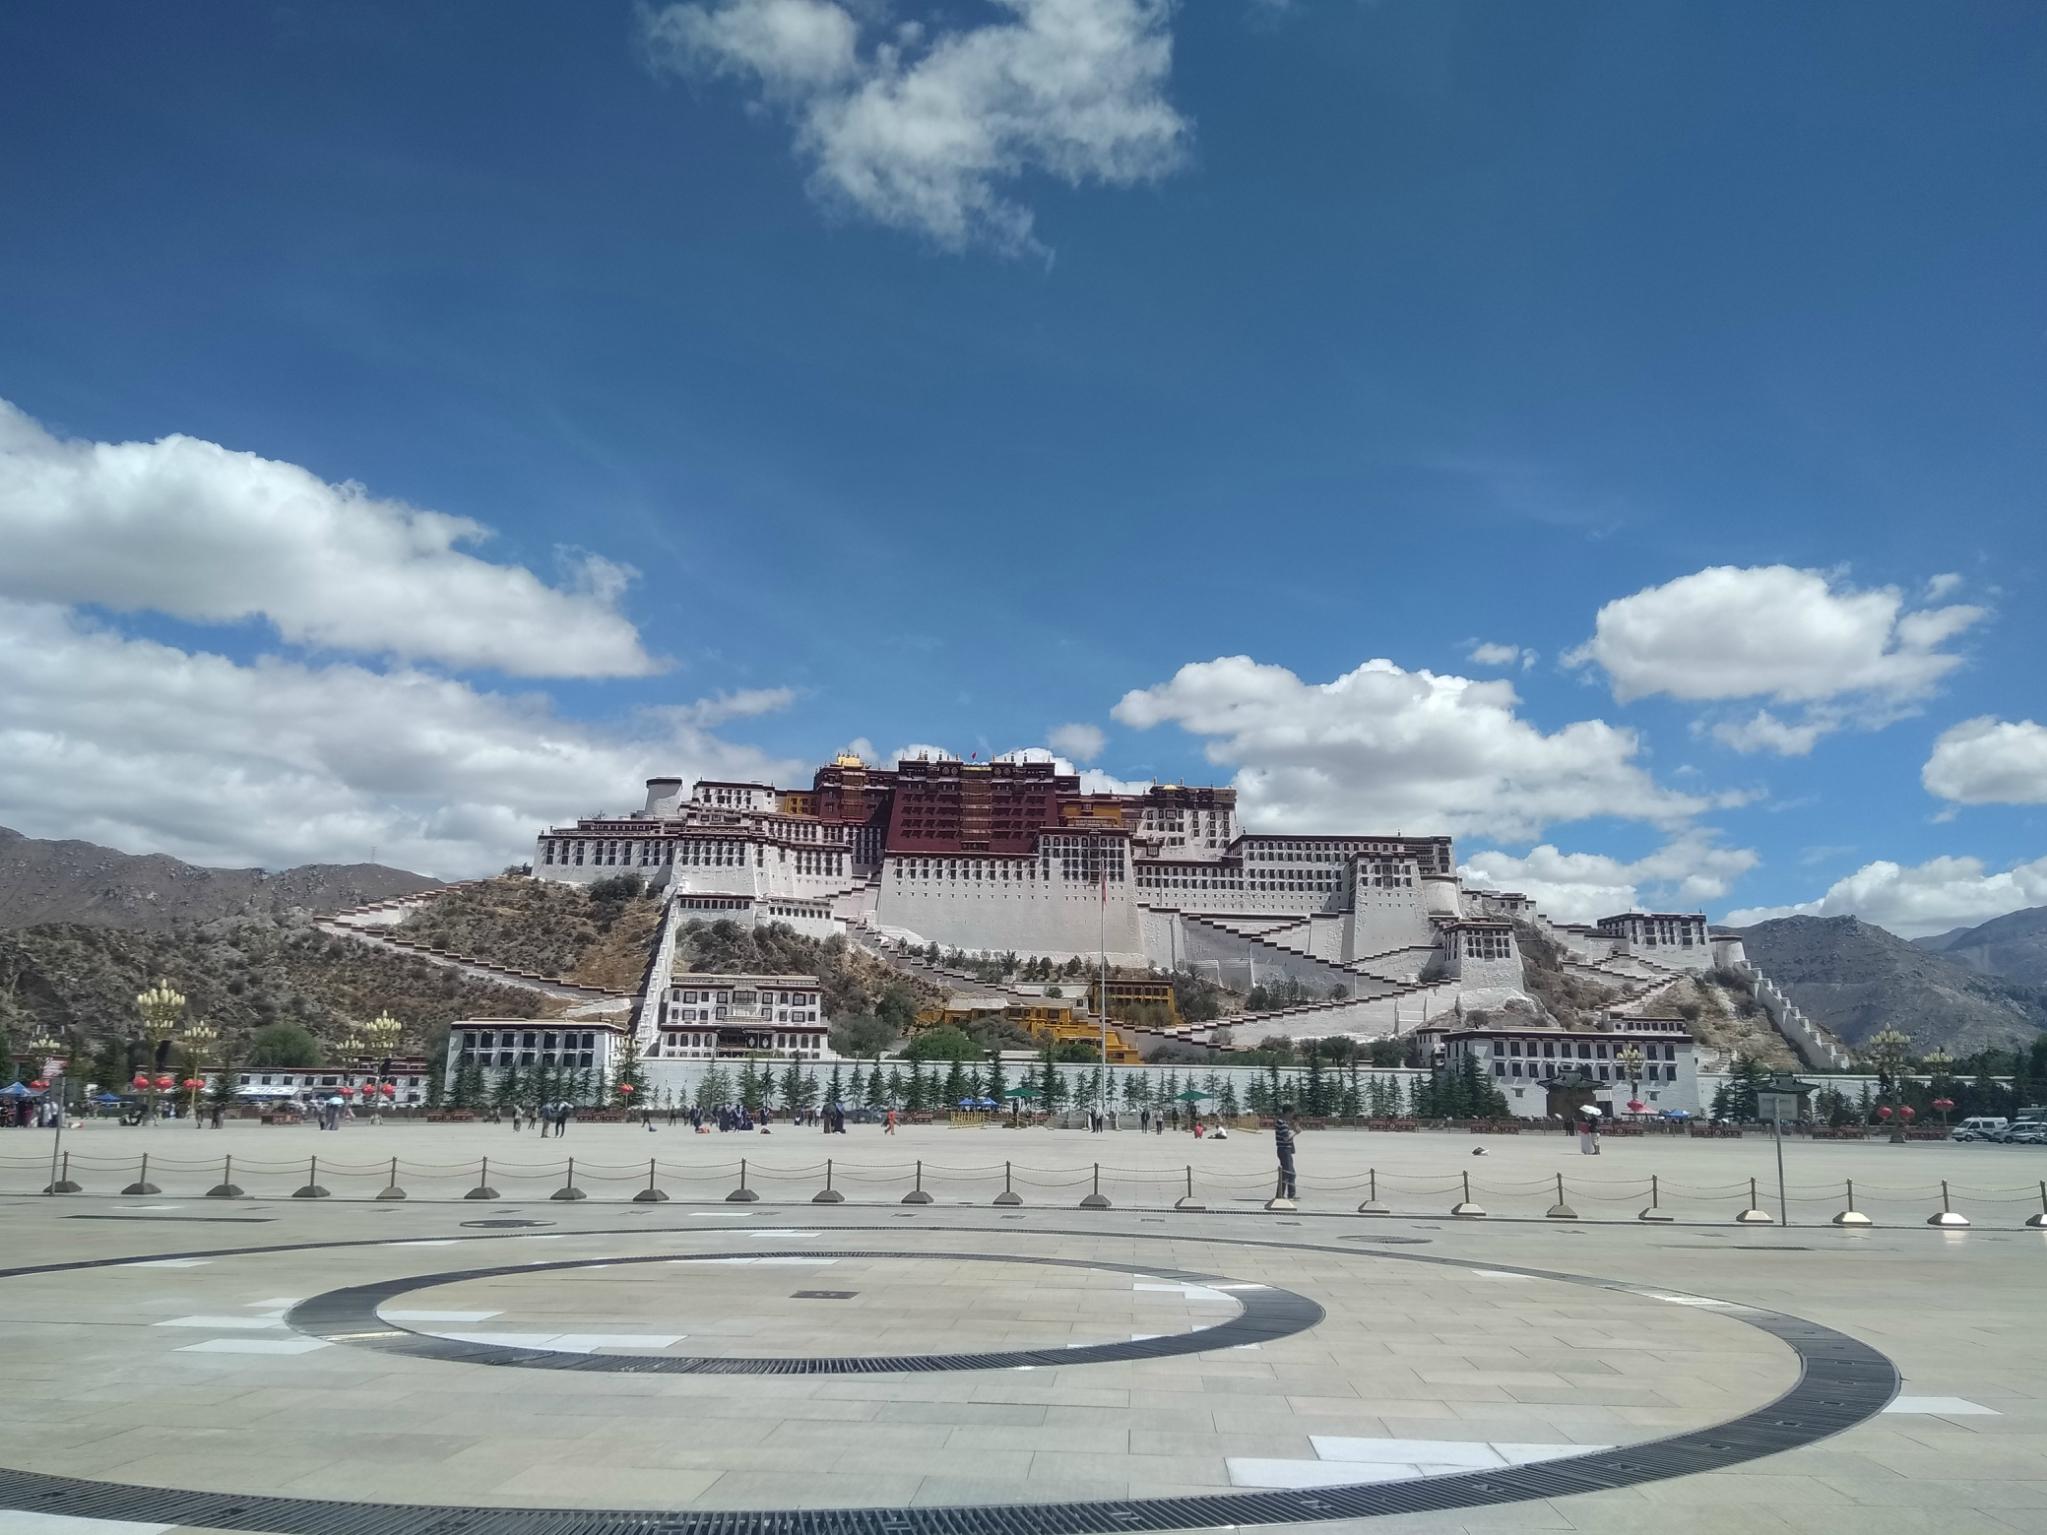 福克斯单车自驾去西藏(318川藏线进-青藏线出)----2016.05